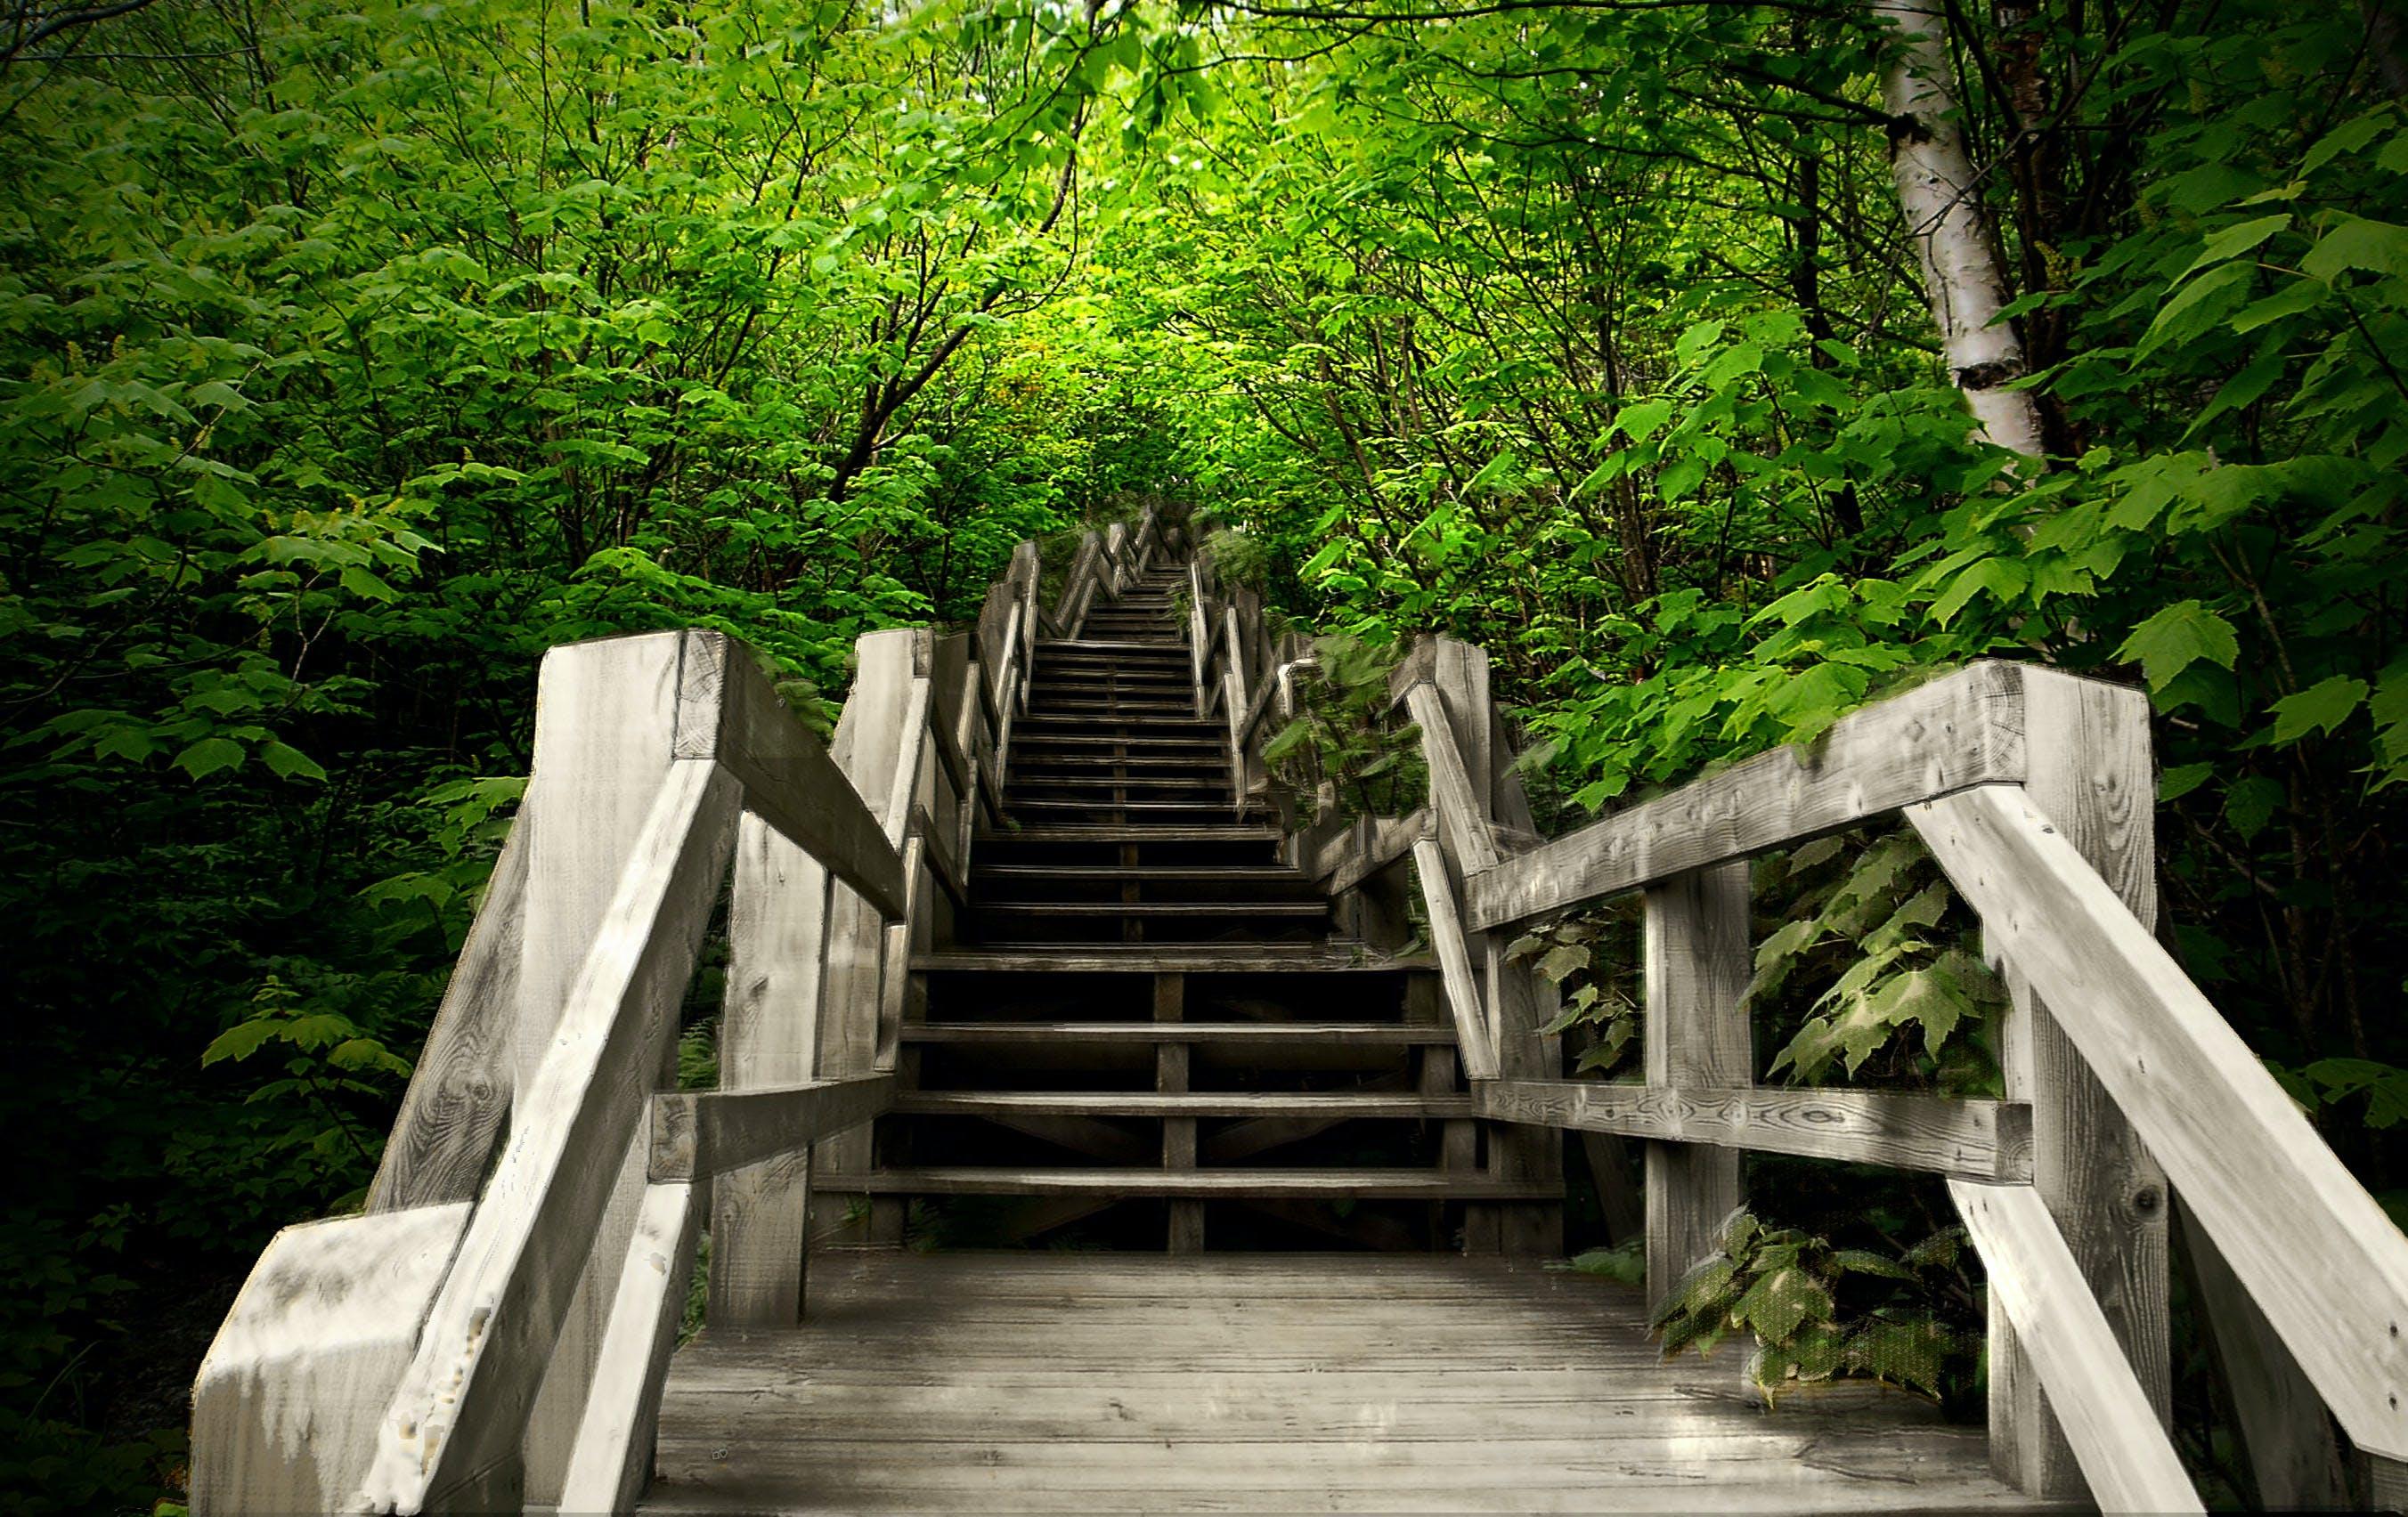 Free stock photo of nature, stairway